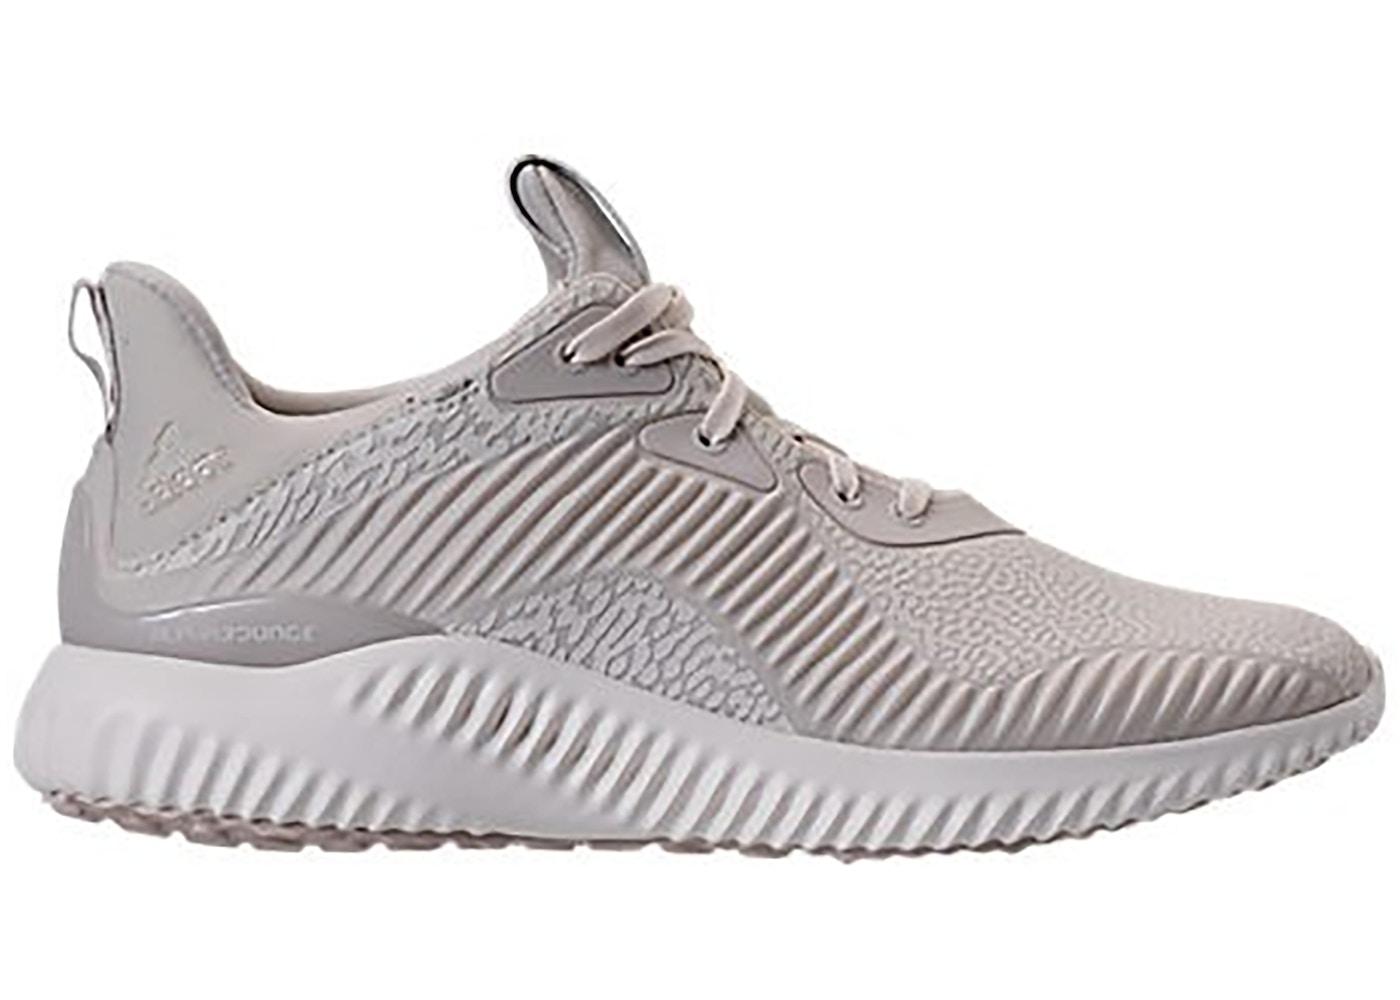 adidas alphabounce hpc